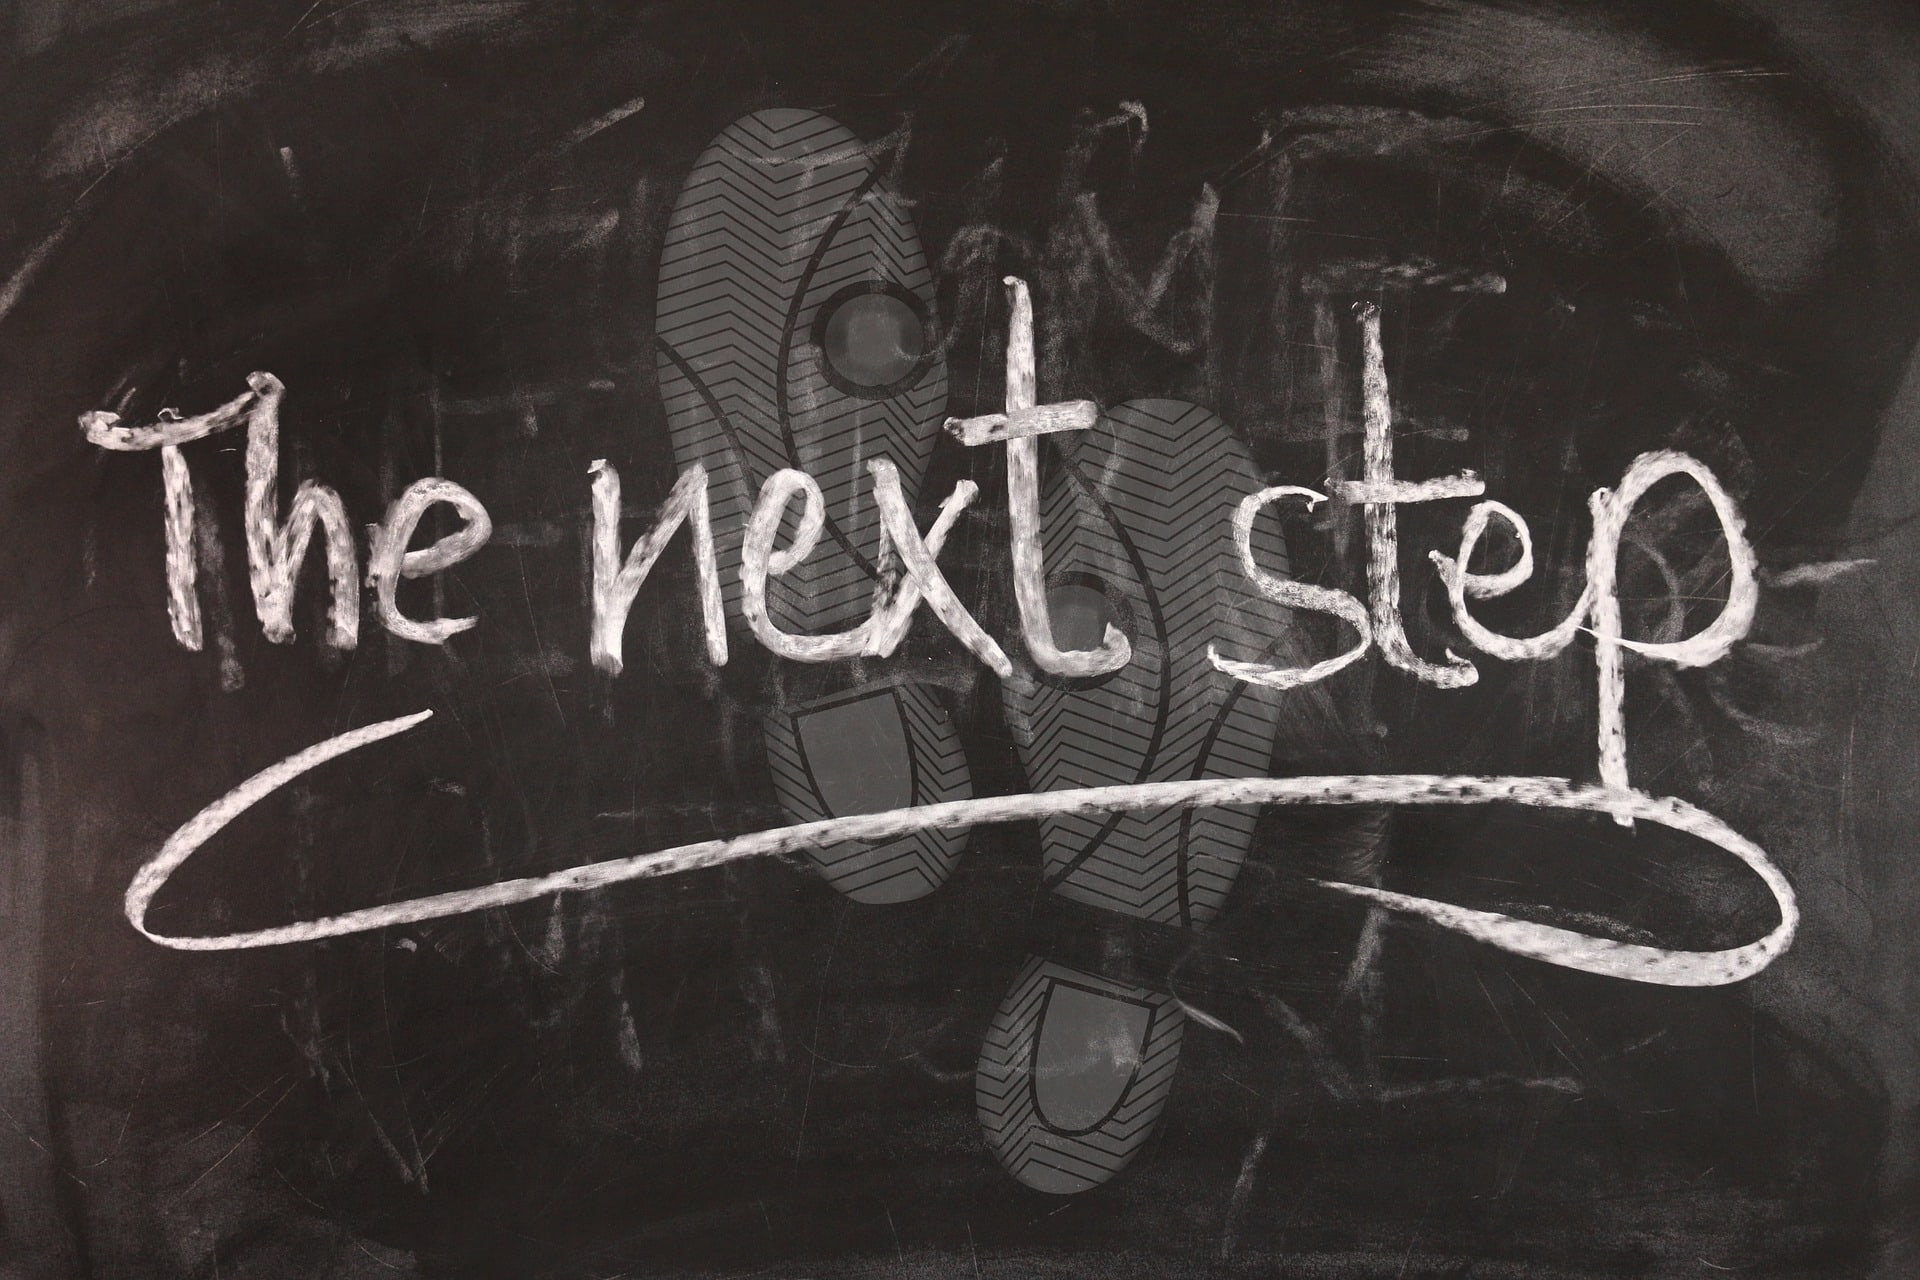 Faire le premier pas, l'accompagnement et l'accompagné marchent ensemble